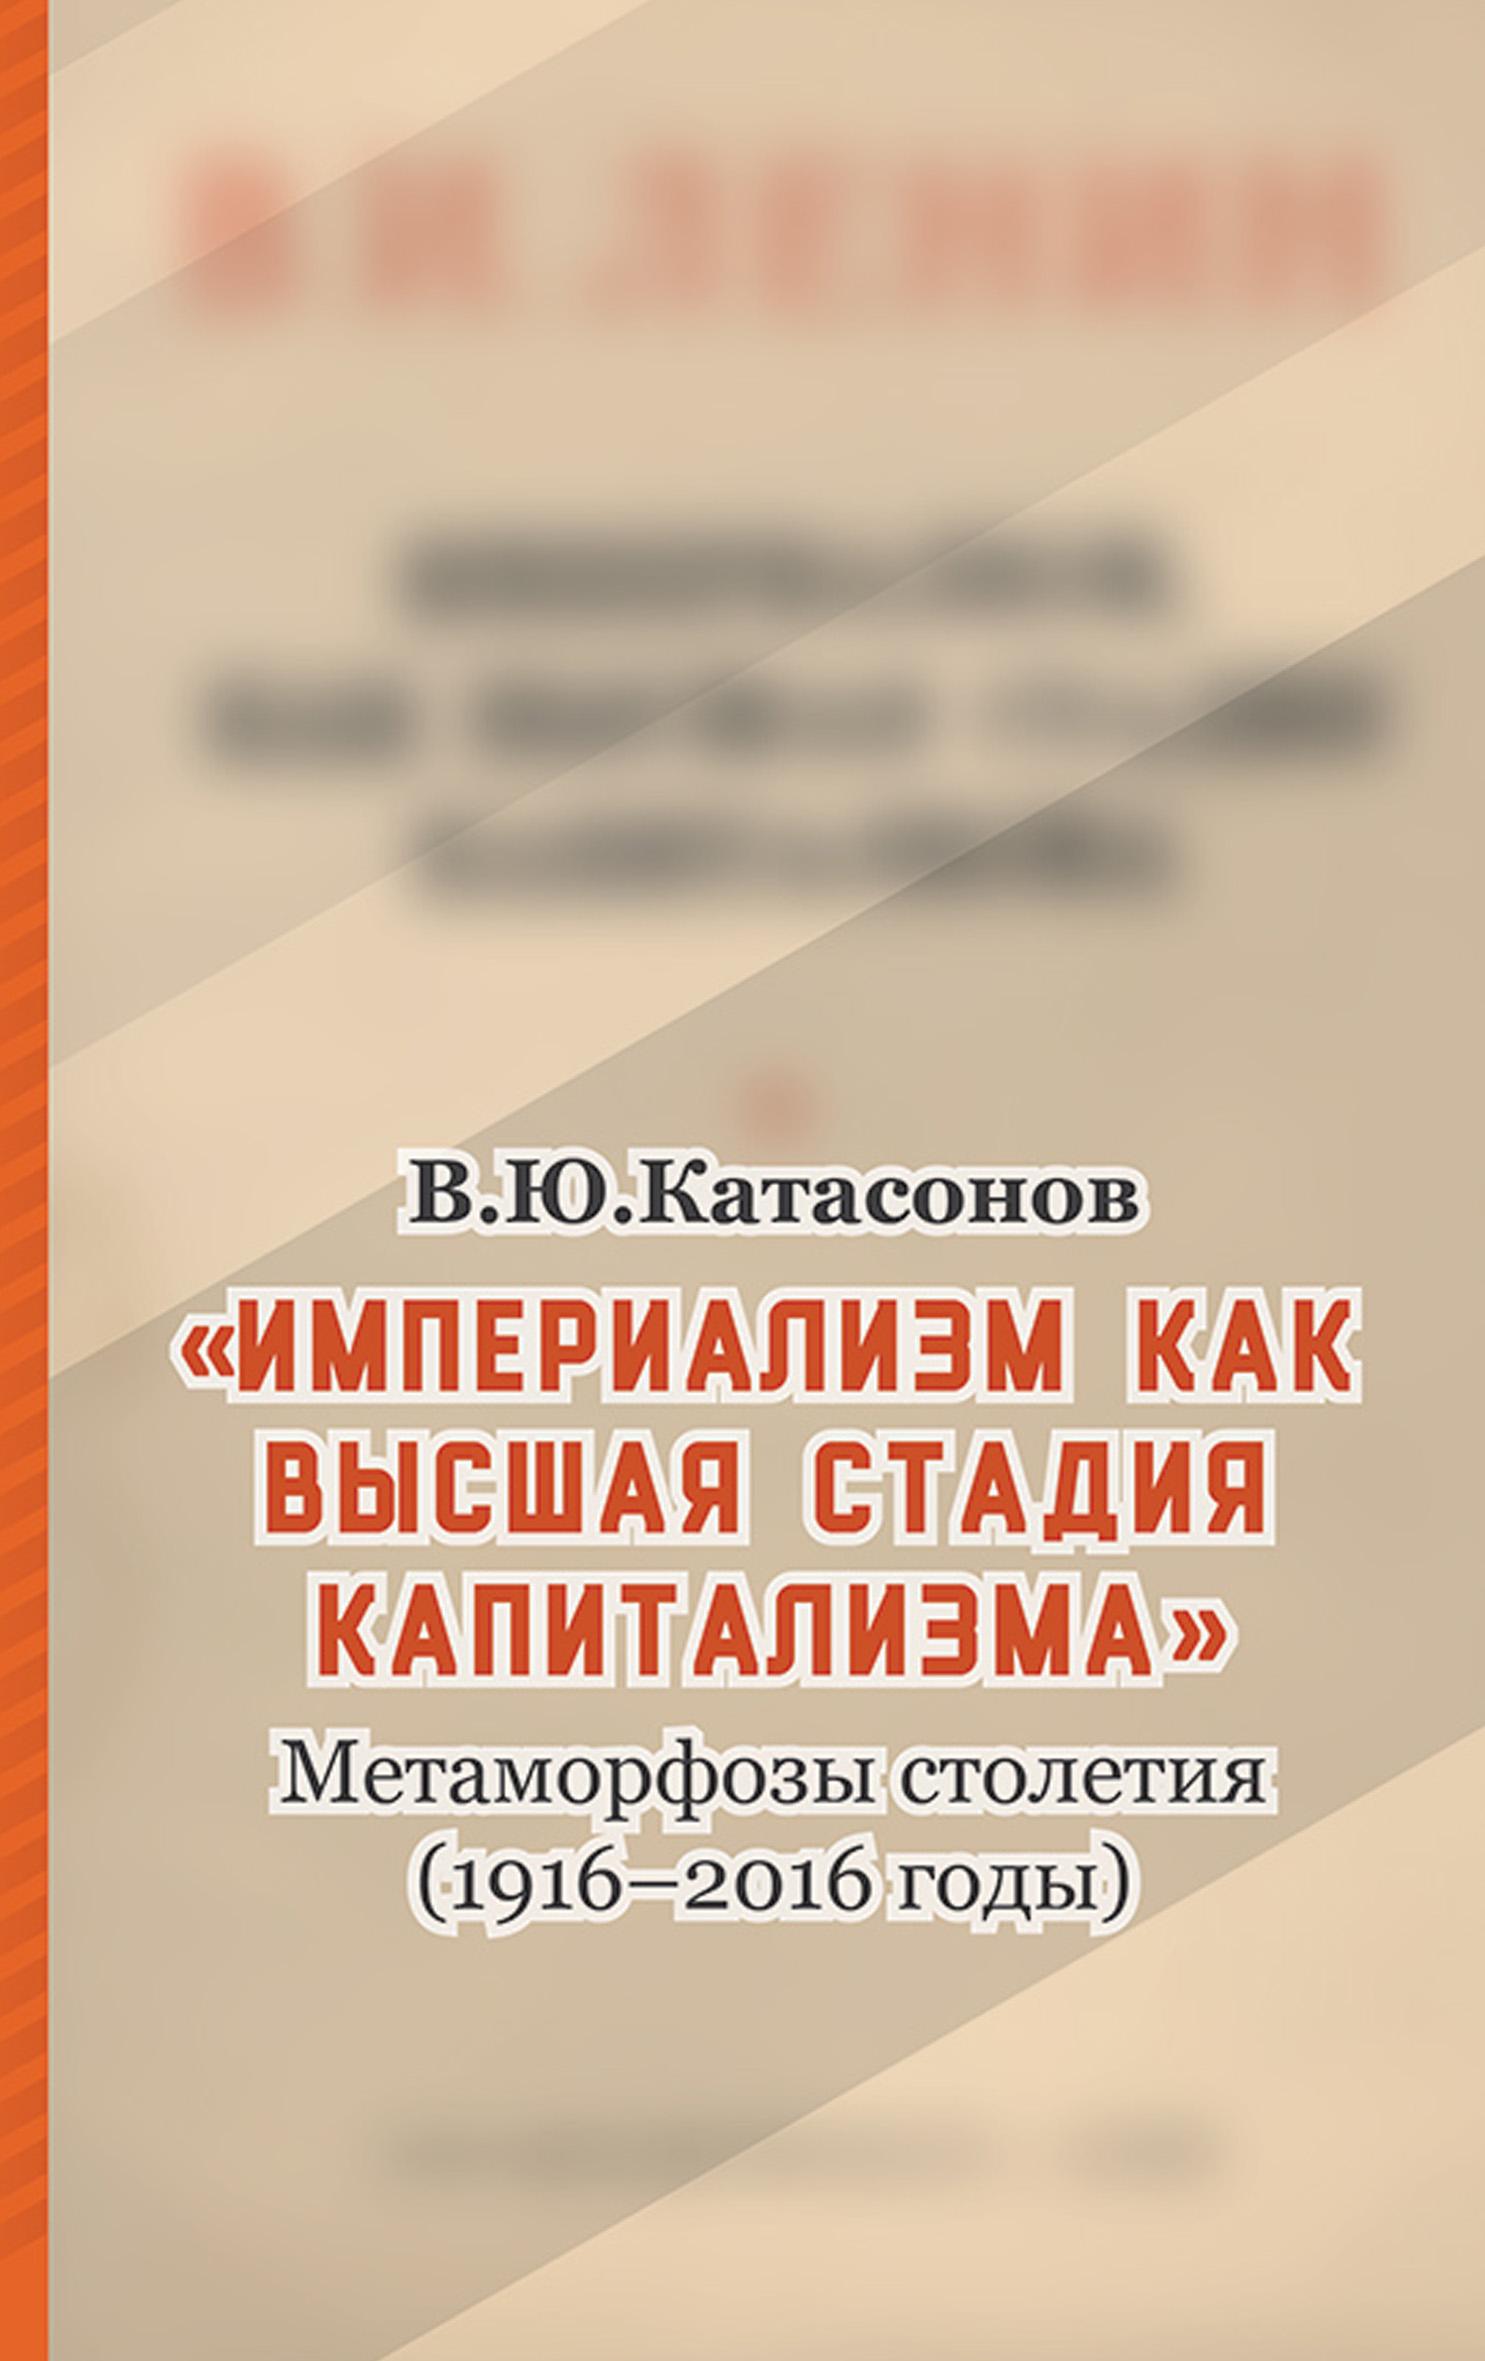 Валентин Катасонов «Империализм как высшая стадия капитализма». Метаморфозы столетия (1916–2016 годы) а и субетто капиталократия и глобальный империализм